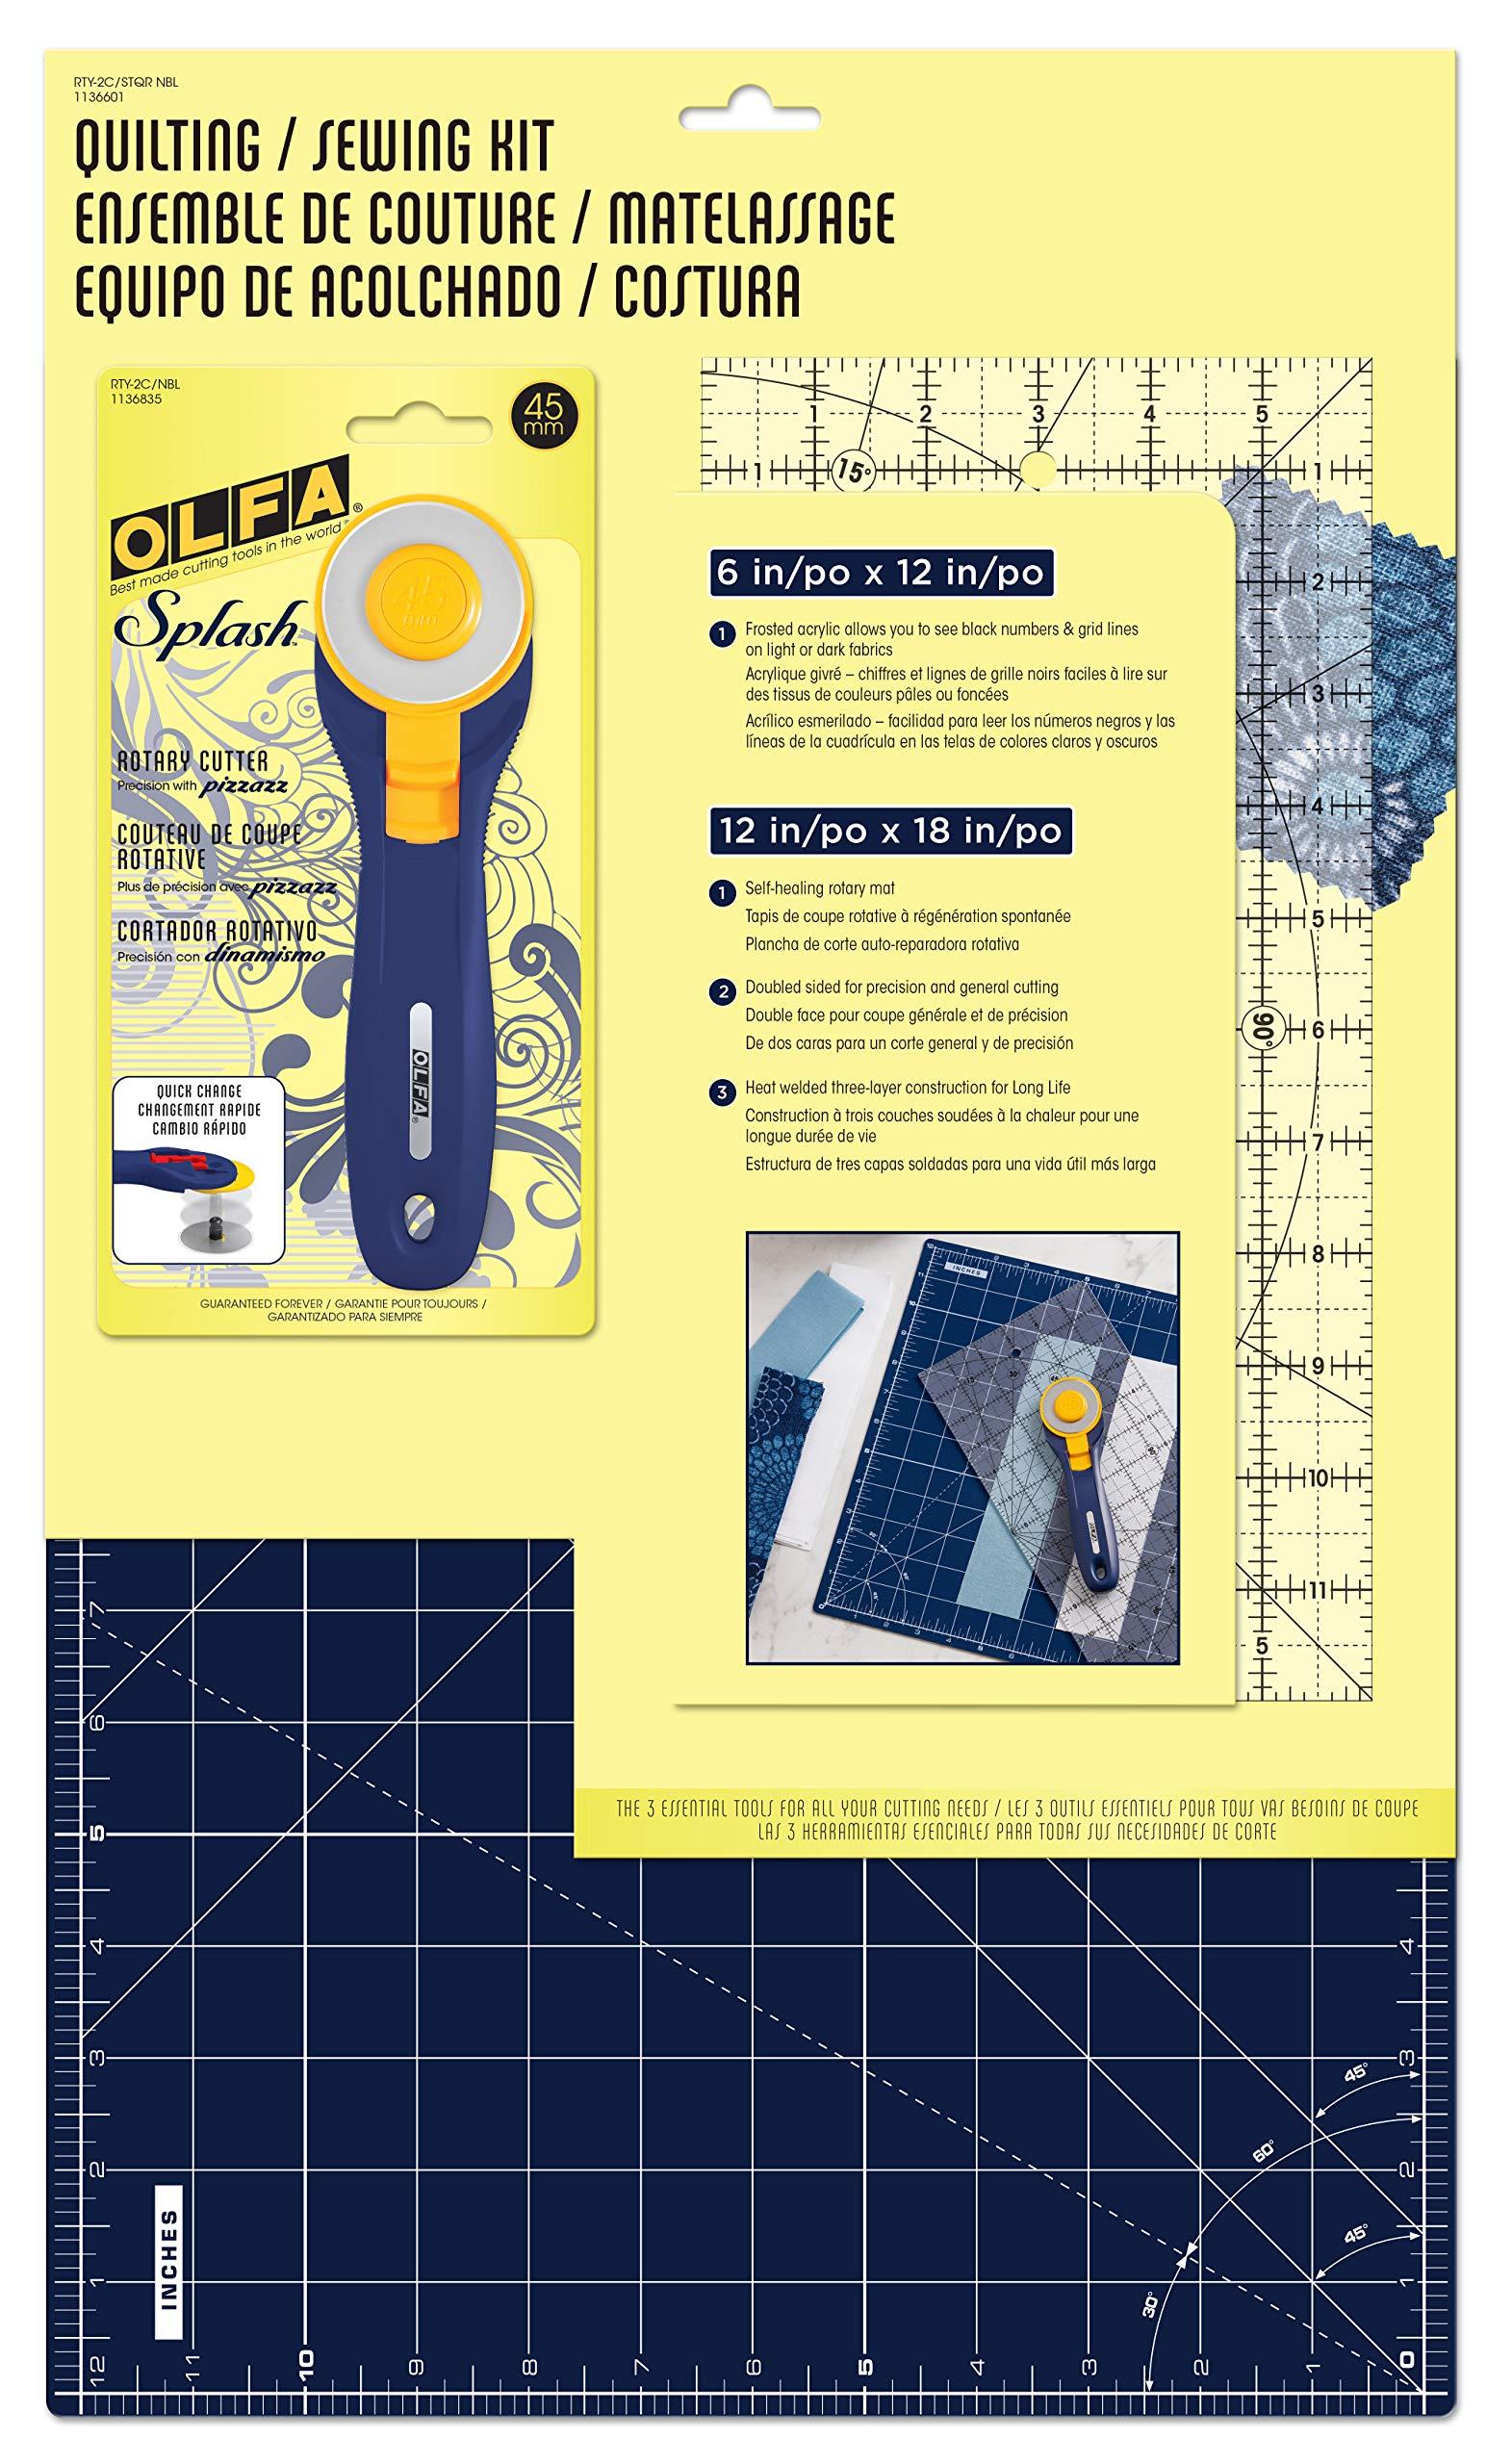 Kit de costura y acolchado OLFA NBL, 3 piezas azul marino